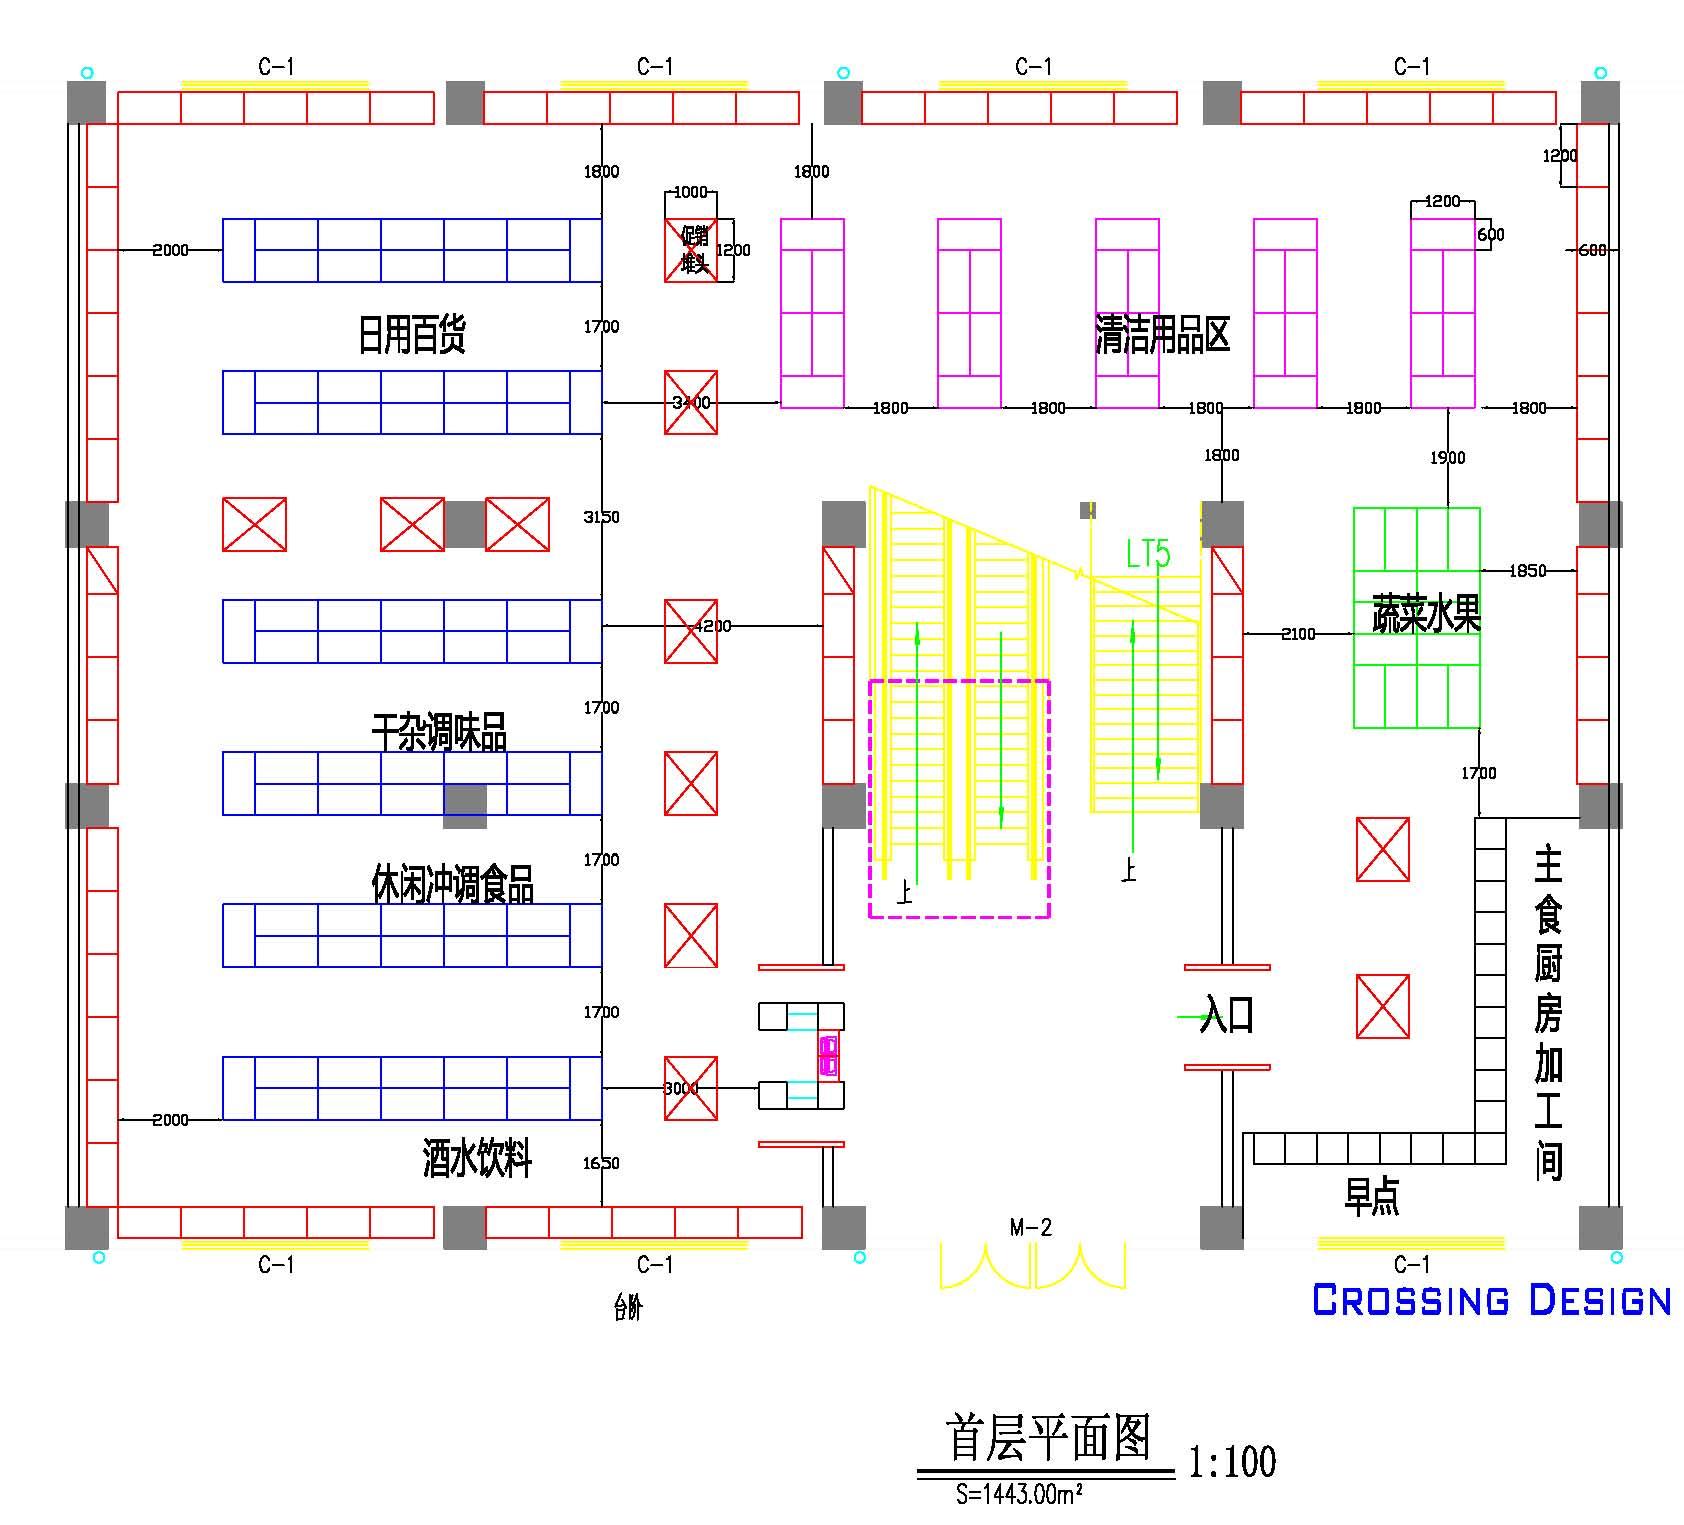 """求帮助规划一下超市的布局图(图4)  求帮助规划一下超市的布局图(图6)  求帮助规划一下超市的布局图(图8)  求帮助规划一下超市的布局图(图11)  求帮助规划一下超市的布局图(图14)  求帮助规划一下超市的布局图(图16) 为了解决用户可能碰到关于""""求帮助规划一下超市的布局图""""相关的问题,突袭网经过收集整理为用户提供相关的解决办法,请注意,解决办法仅供参考,不代表本网同意其意见,如有任何问题请与本网联系。""""求帮助规划一下超市的布局图""""相关的详细问题如下:求帮助规划一下超市的布局图、自己的"""